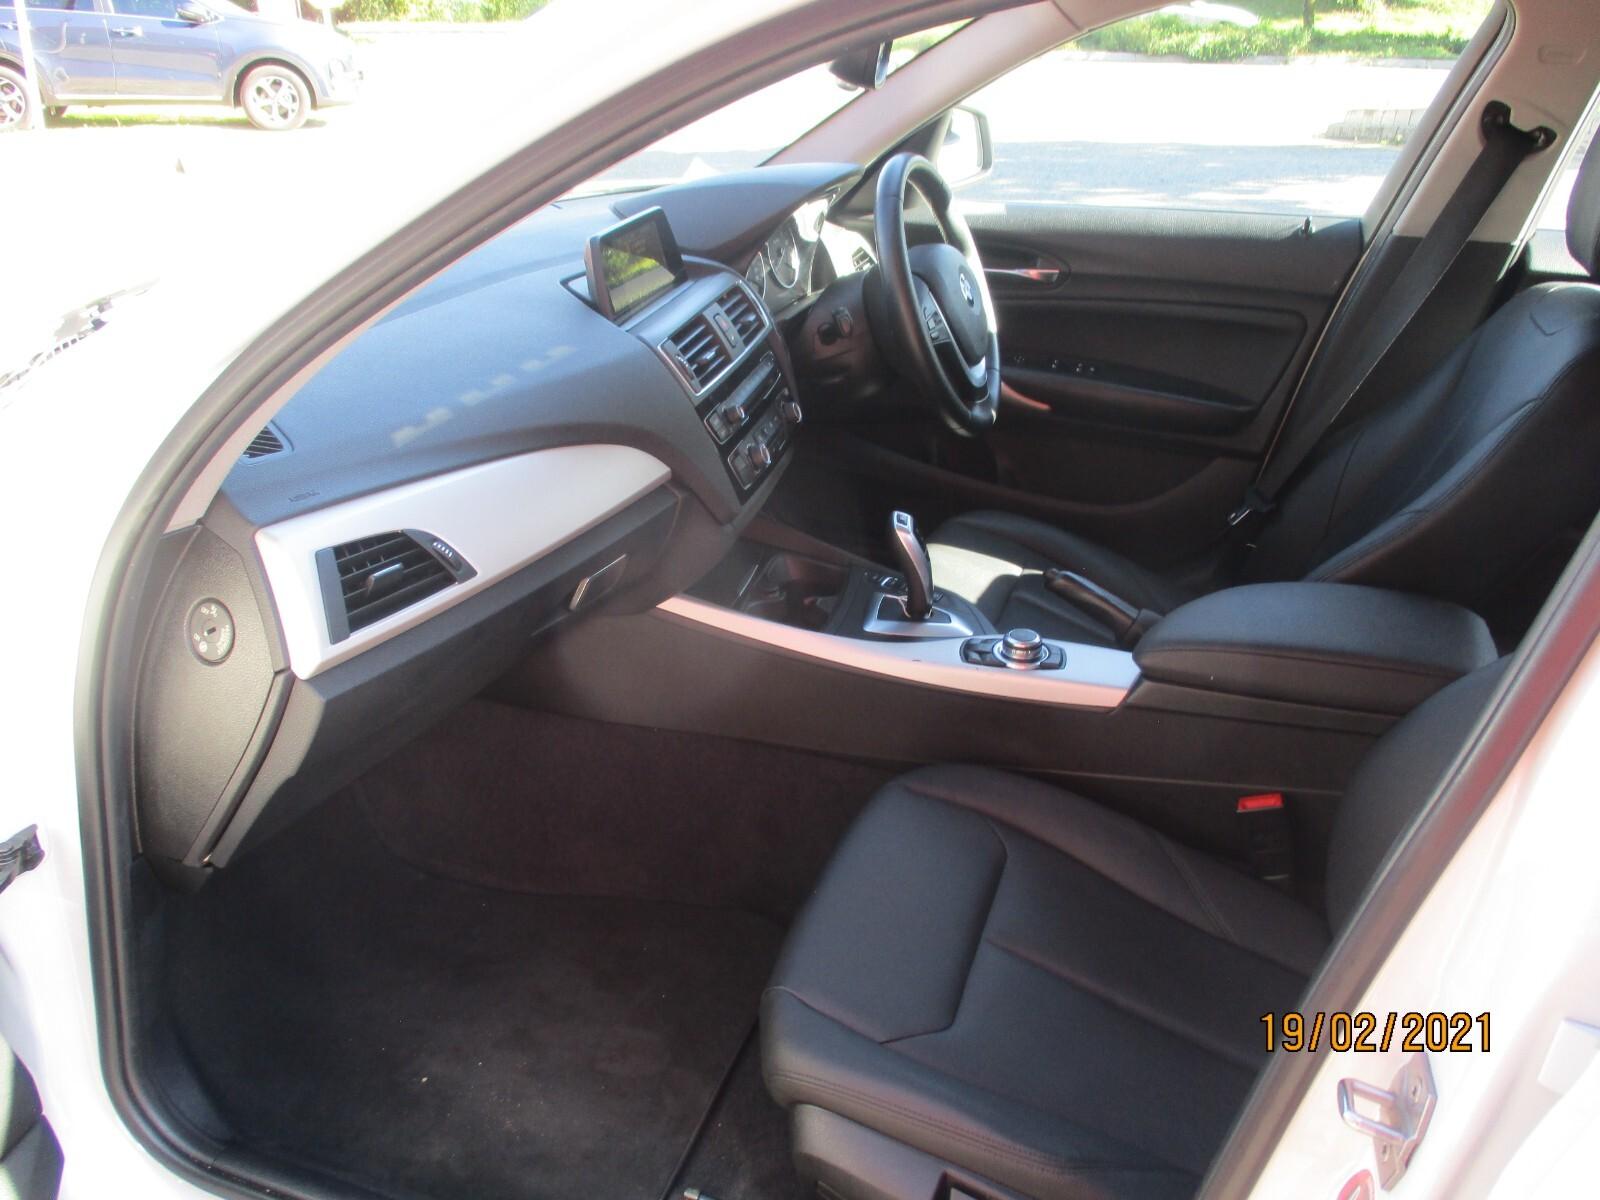 BMW 118i 5DR A/T (F20) Sandton 15328508